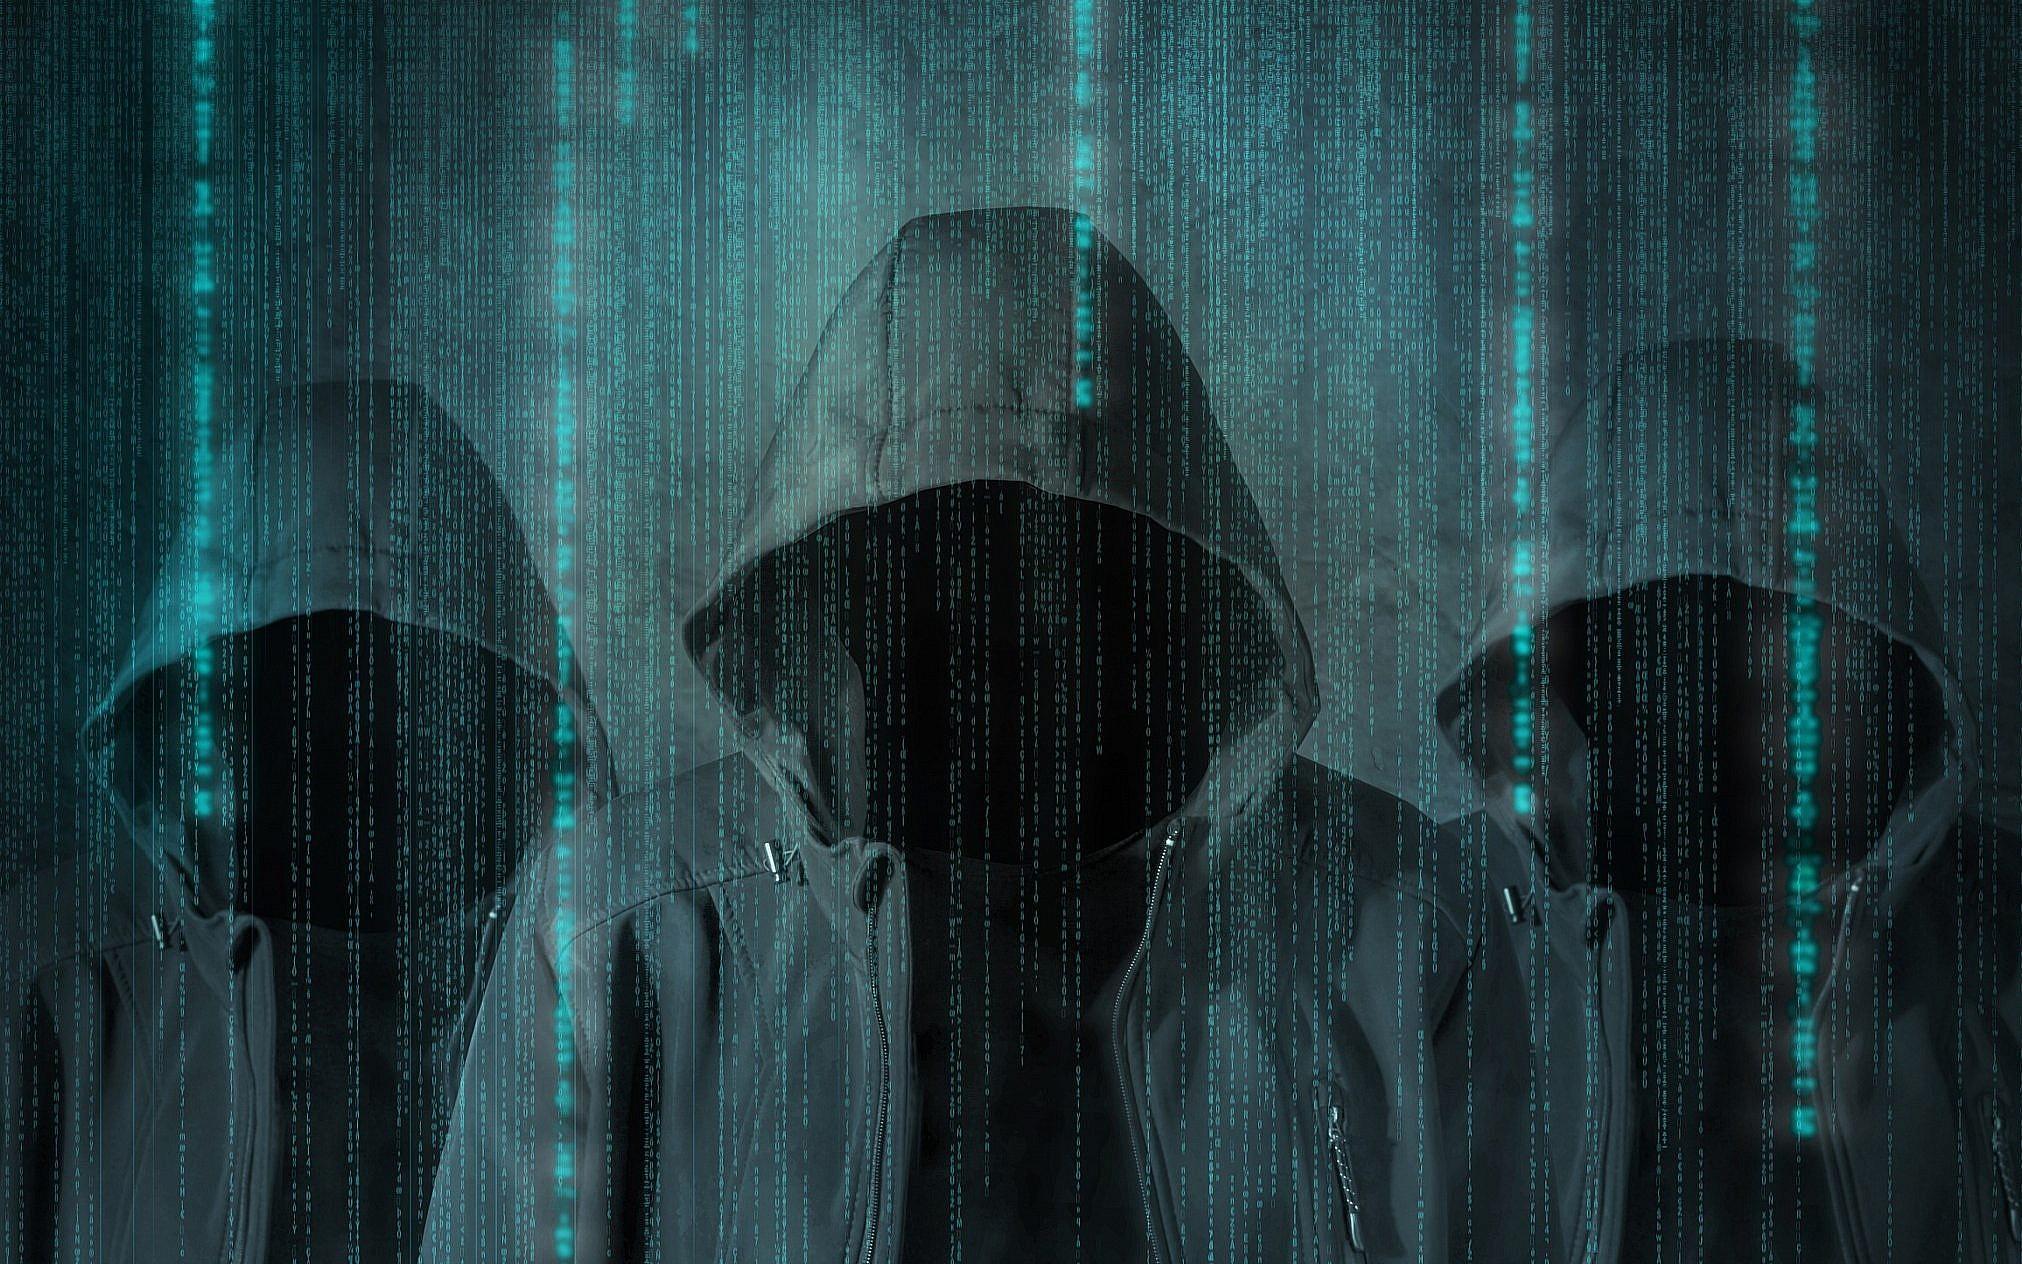 Hình ảnh Hacker ba tên trộm chùm mũ